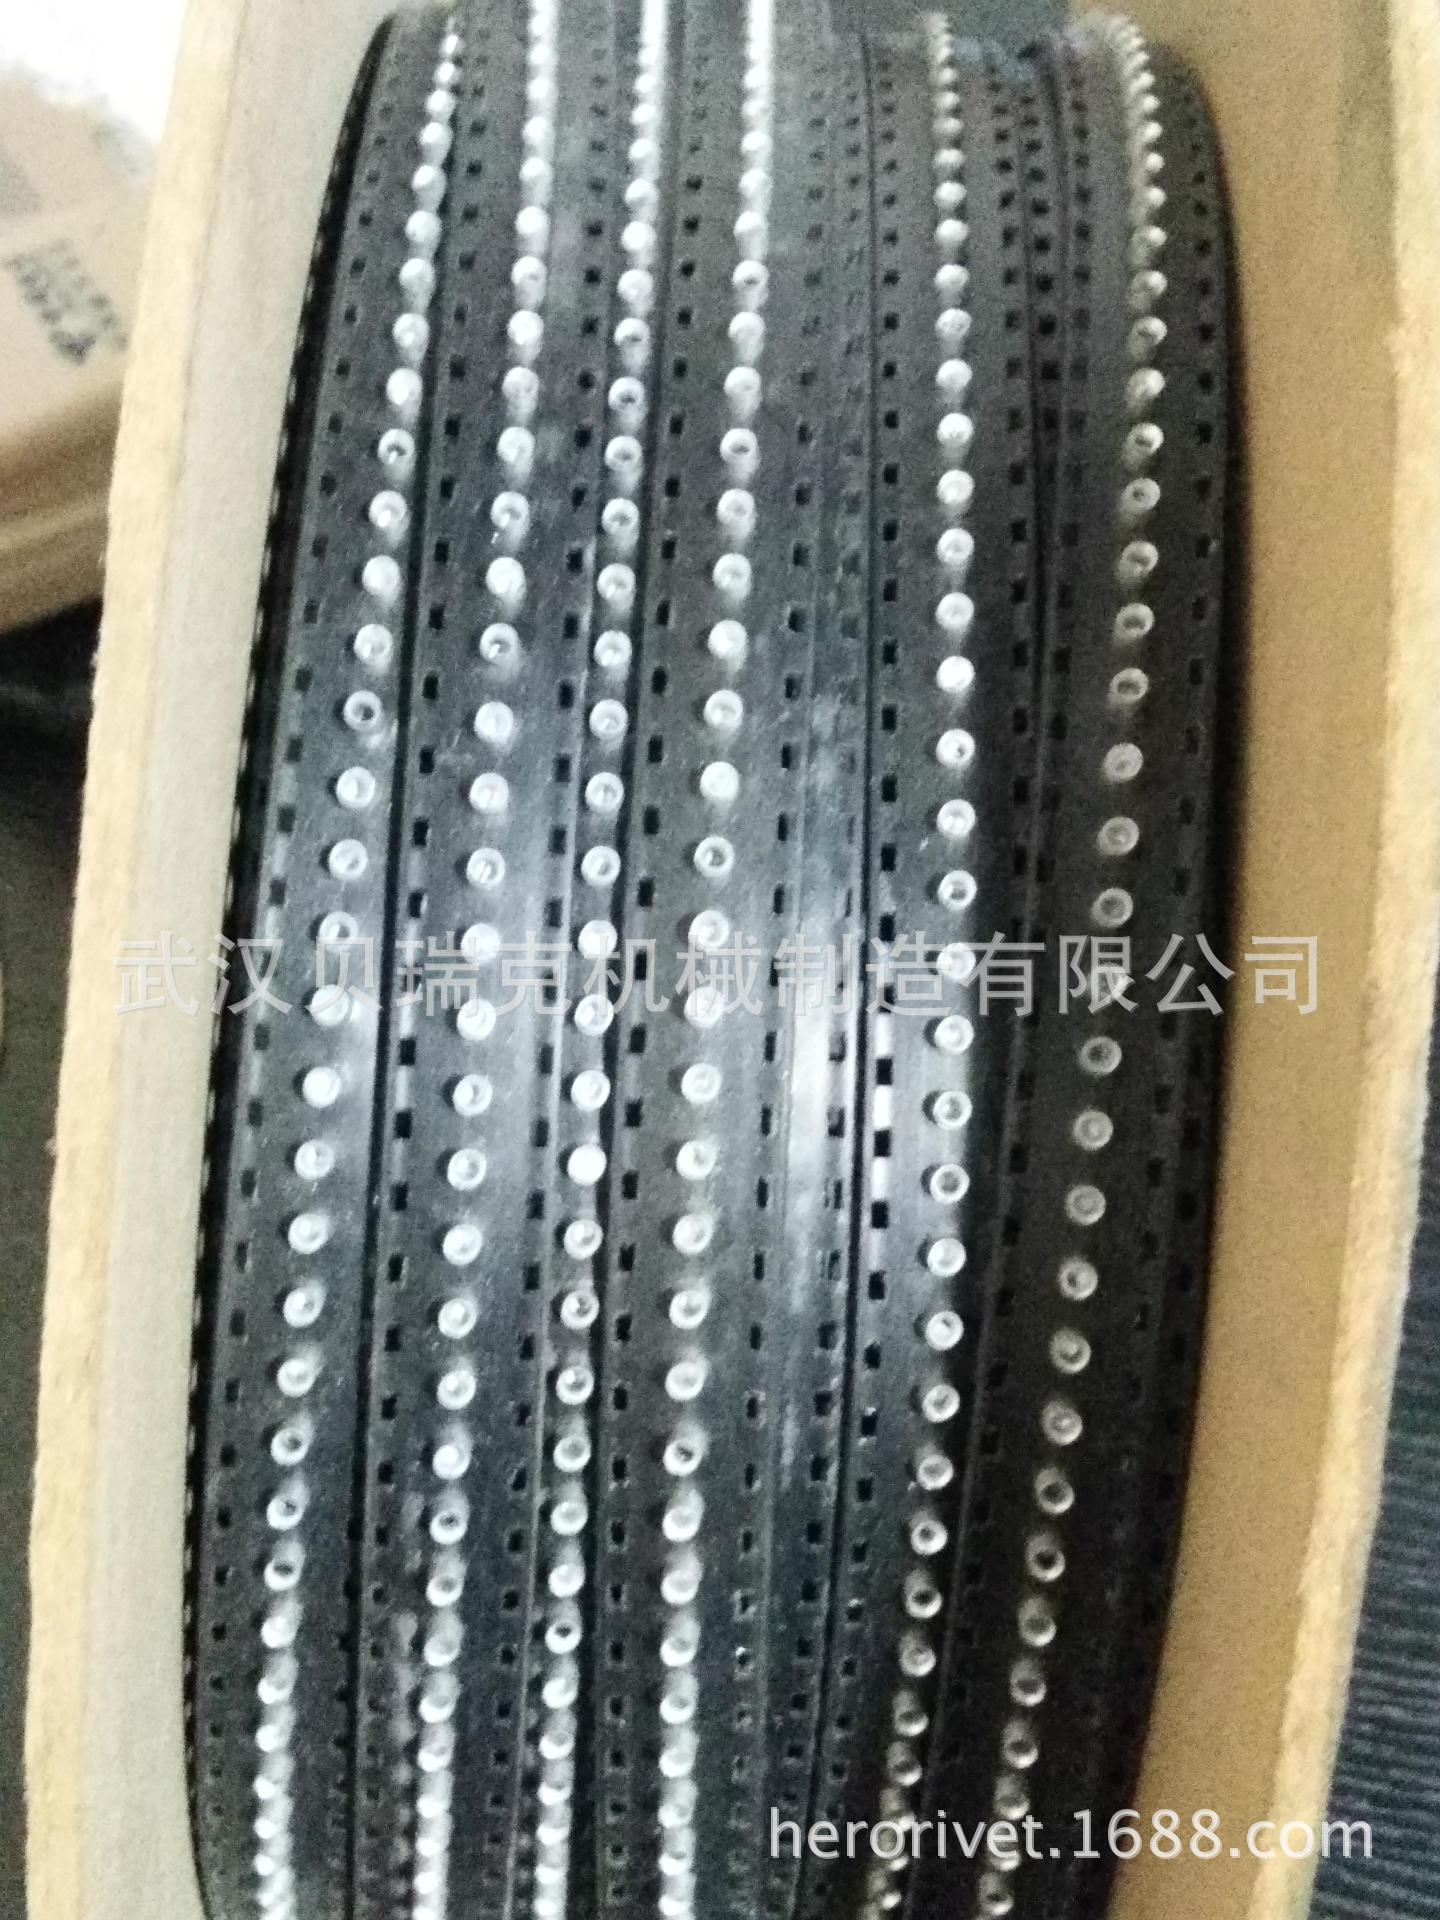 Wuhan Berry gramos de mano eléctrico desde una pistola de clavos, de mano de la prensa, la fascinante máquina.